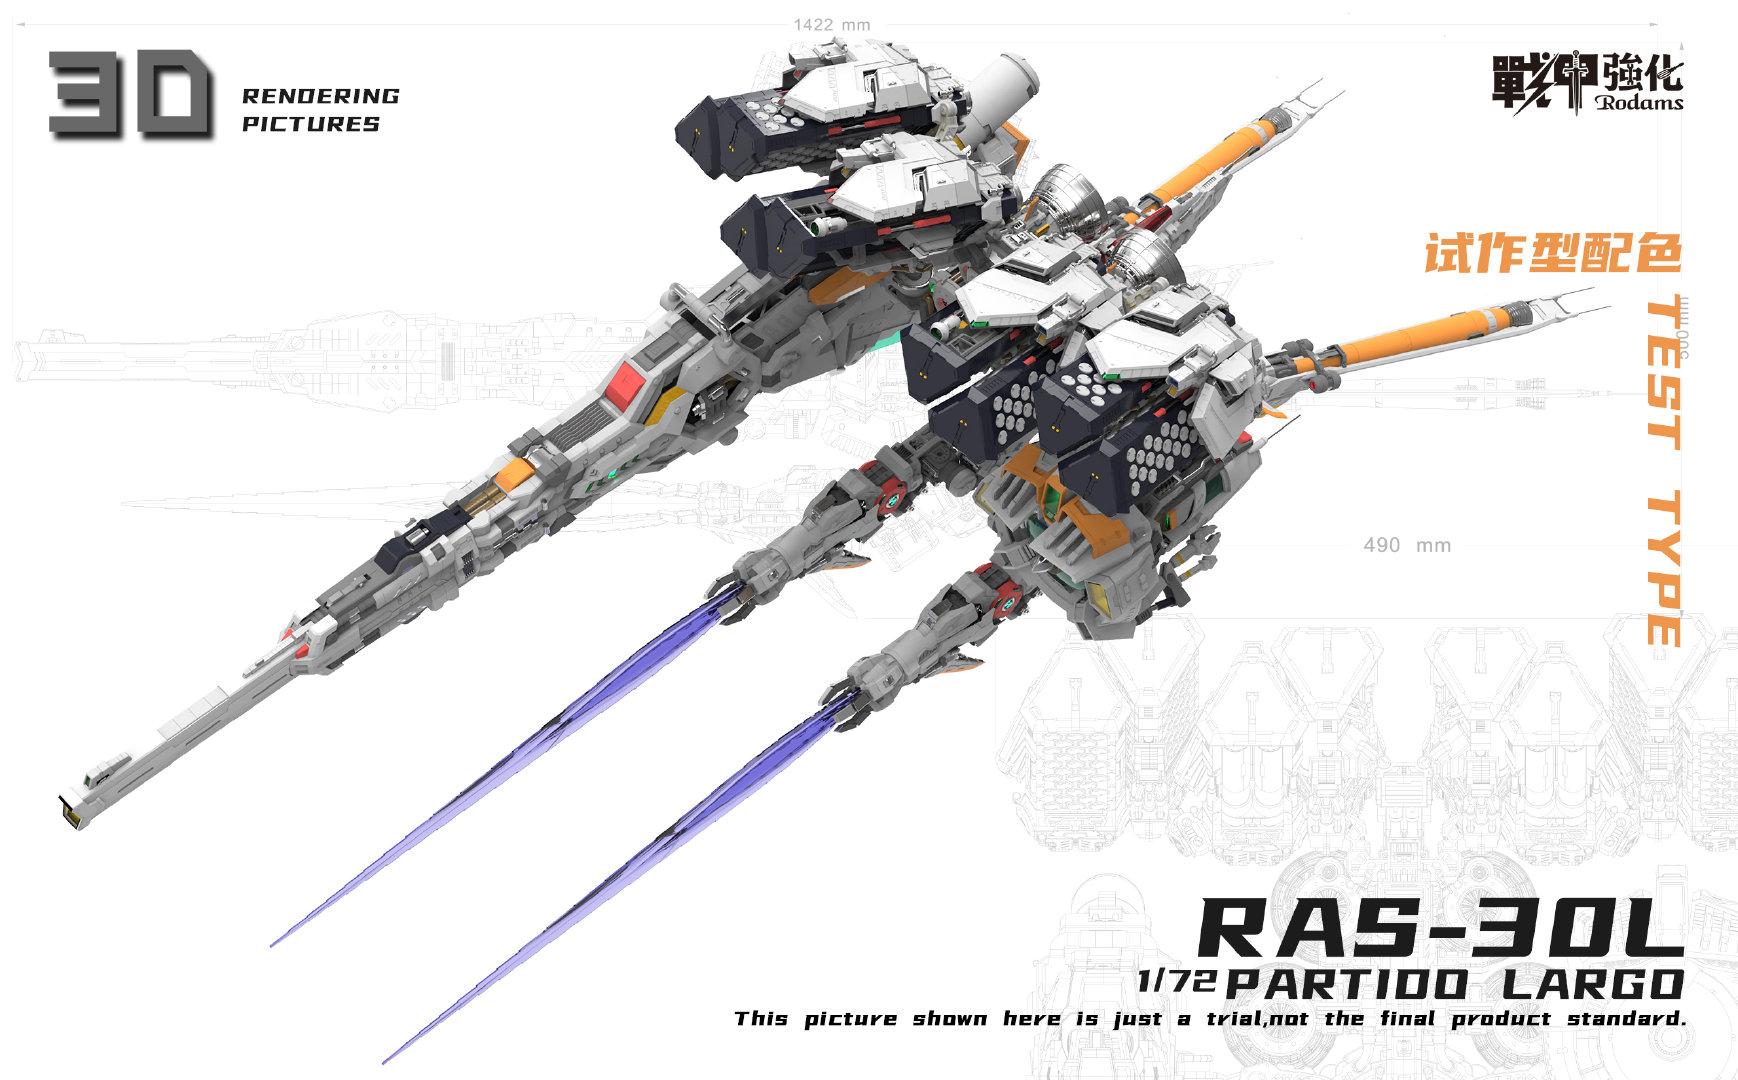 S542_Rodams_PARTIDO_LARGO_info_1226_021.jpg